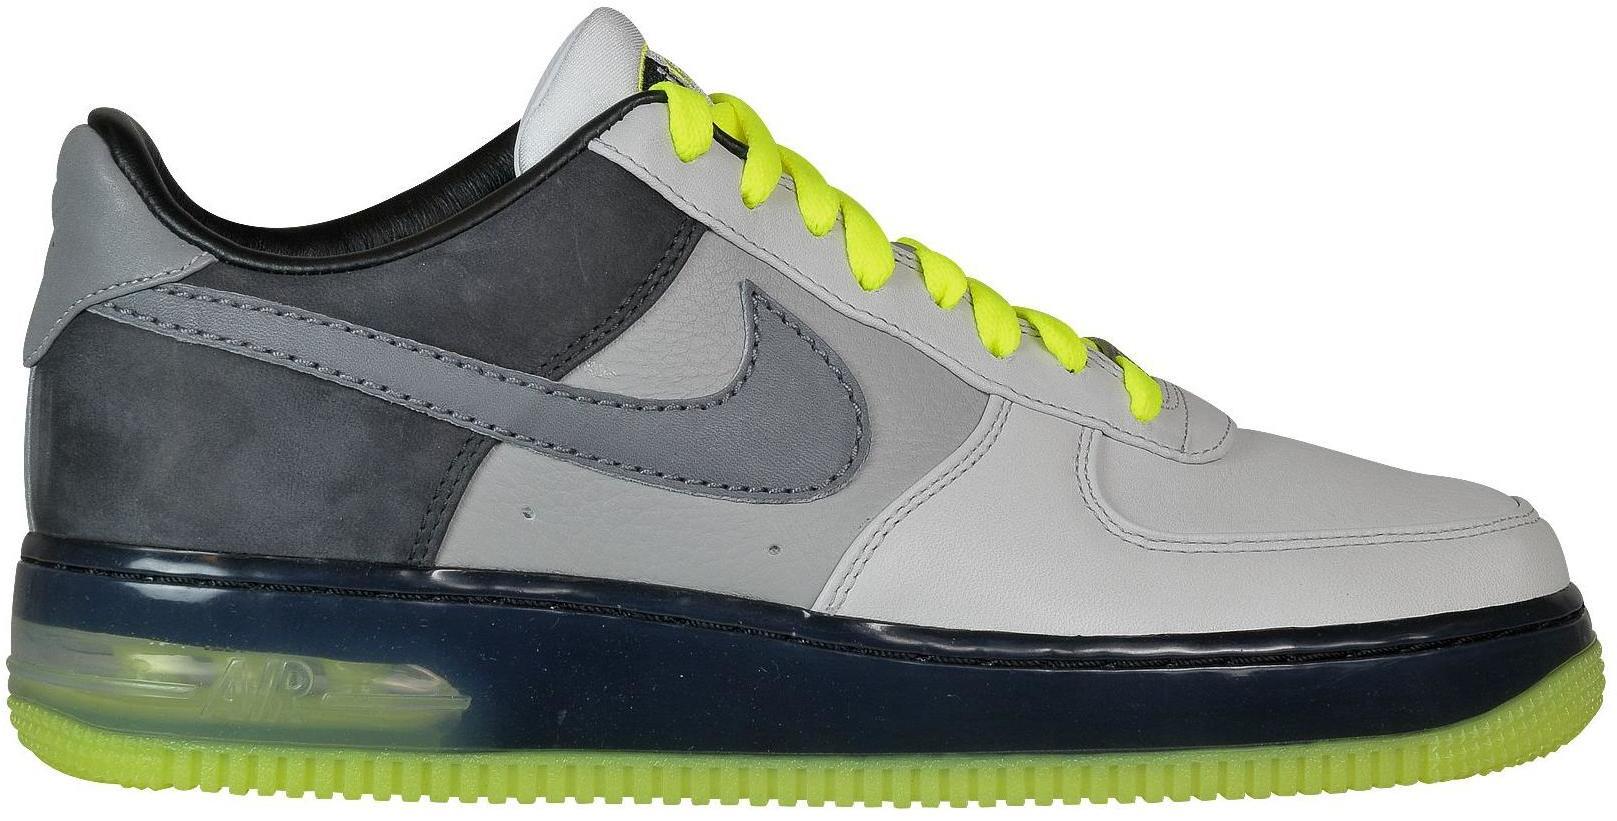 Nike Air Force 1 Low Air Max 95 - 318772-001